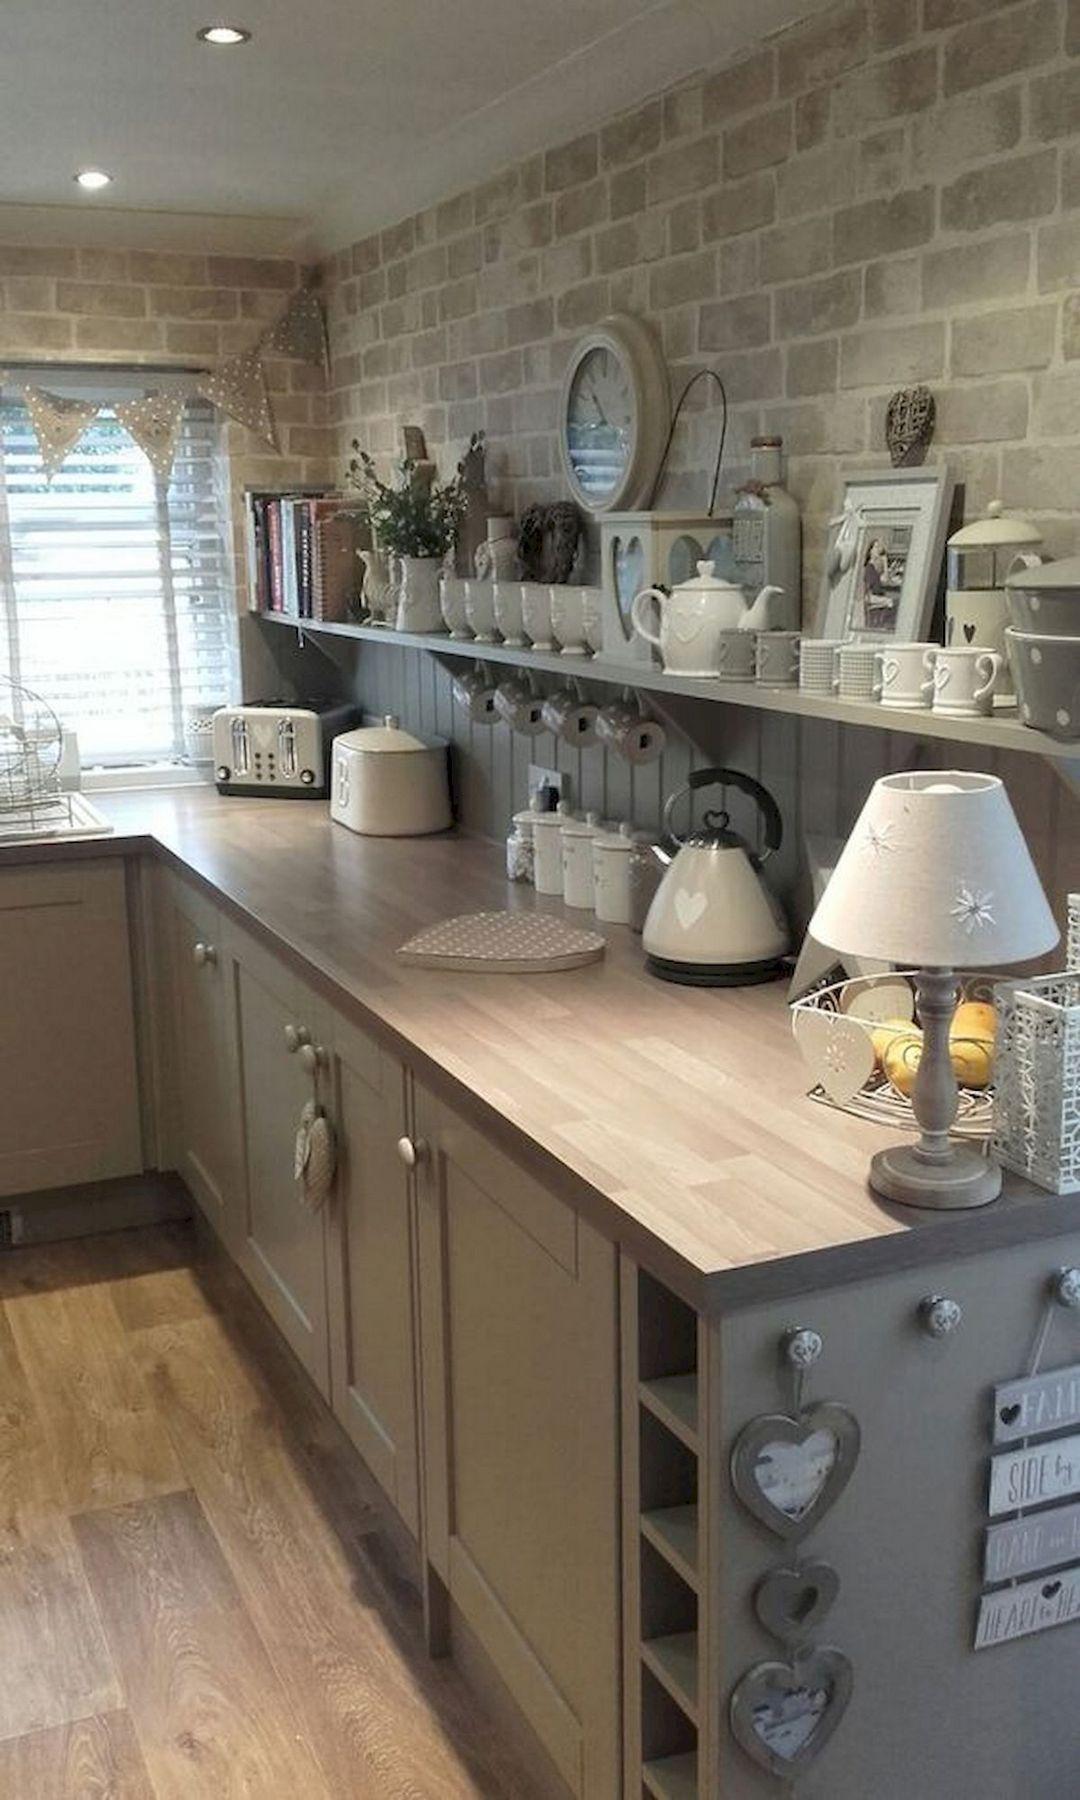 Kitchen Layout Design Tool: Vintage Kitchen Tools Ana Decor Ideas (33